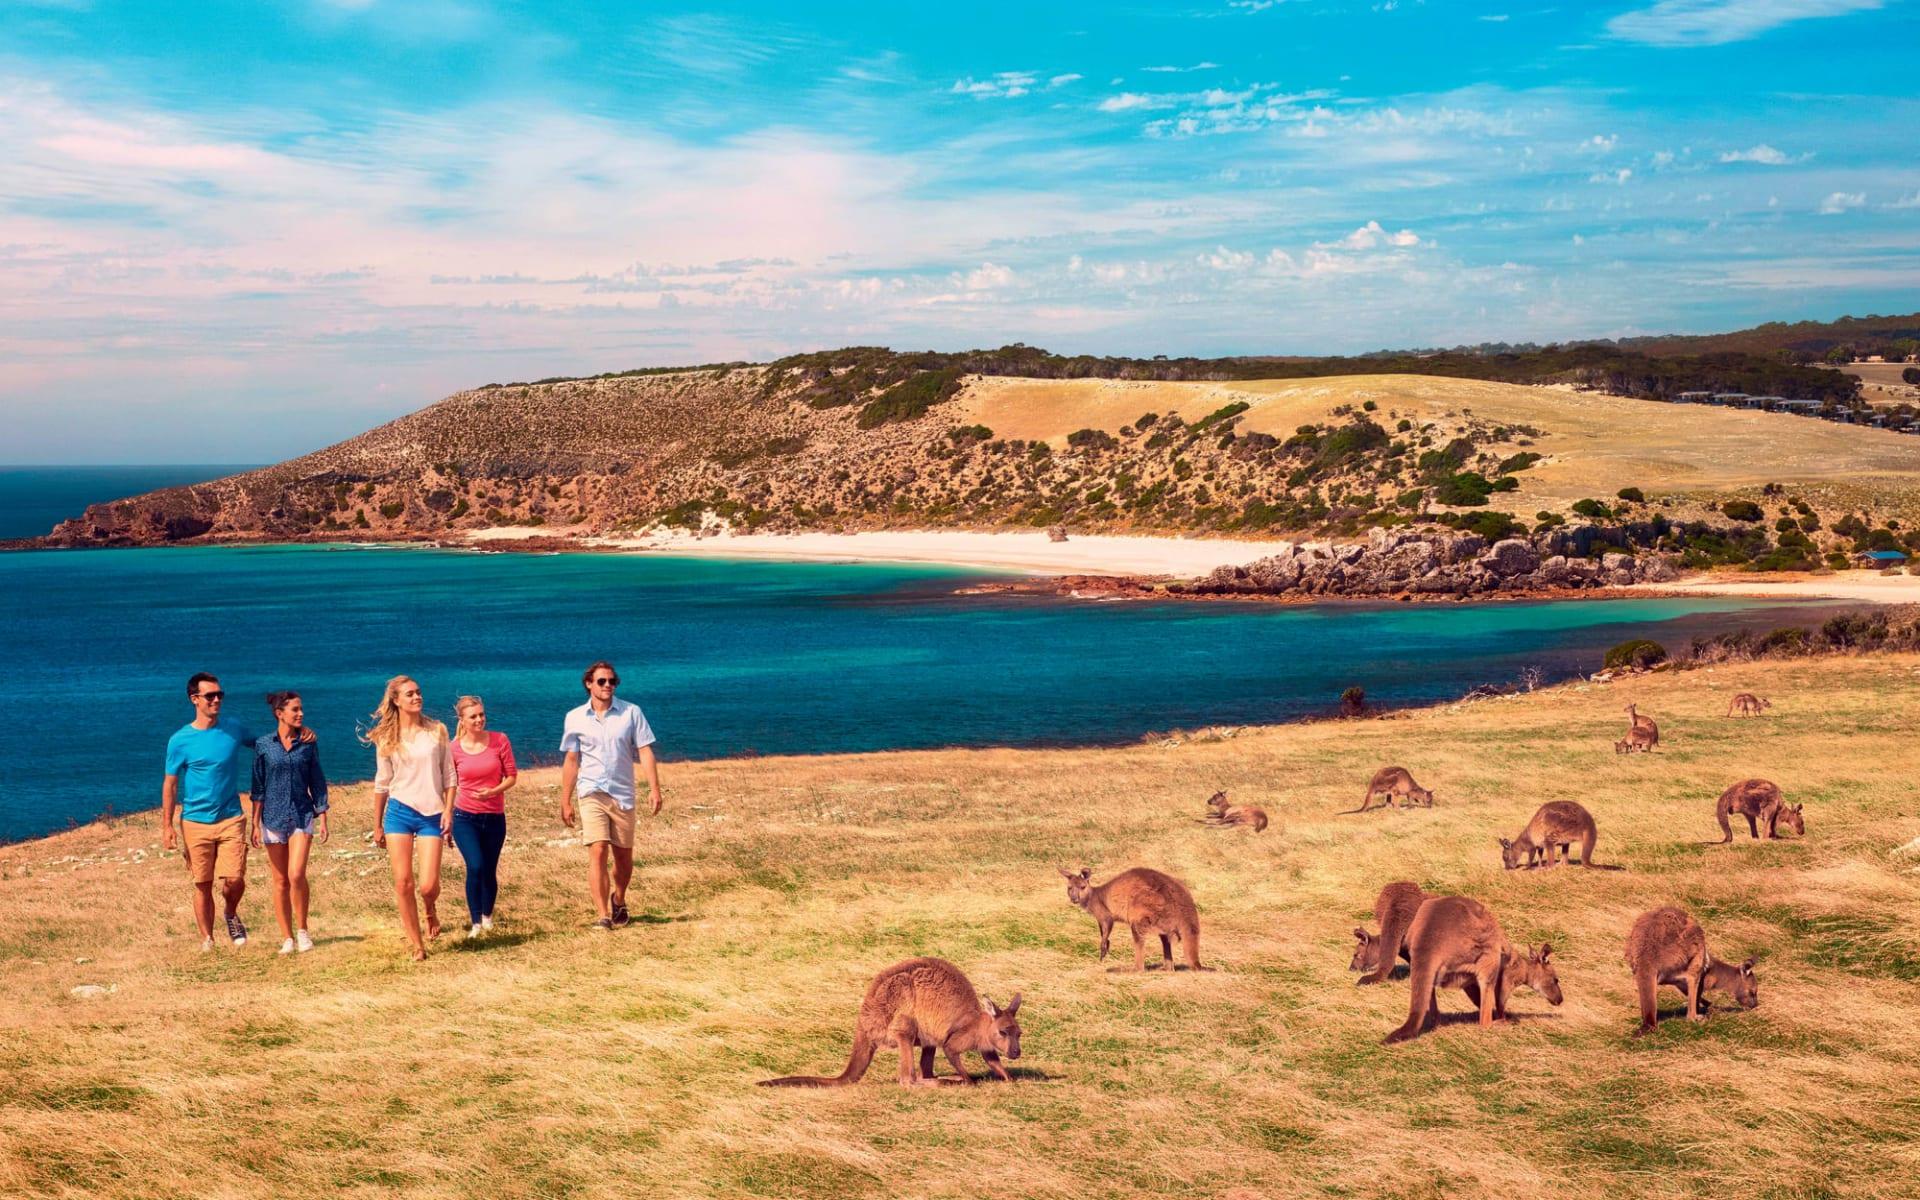 Outback und Kangaroo Island ab Adelaide: Australien - South Australia - Kangaroo Island